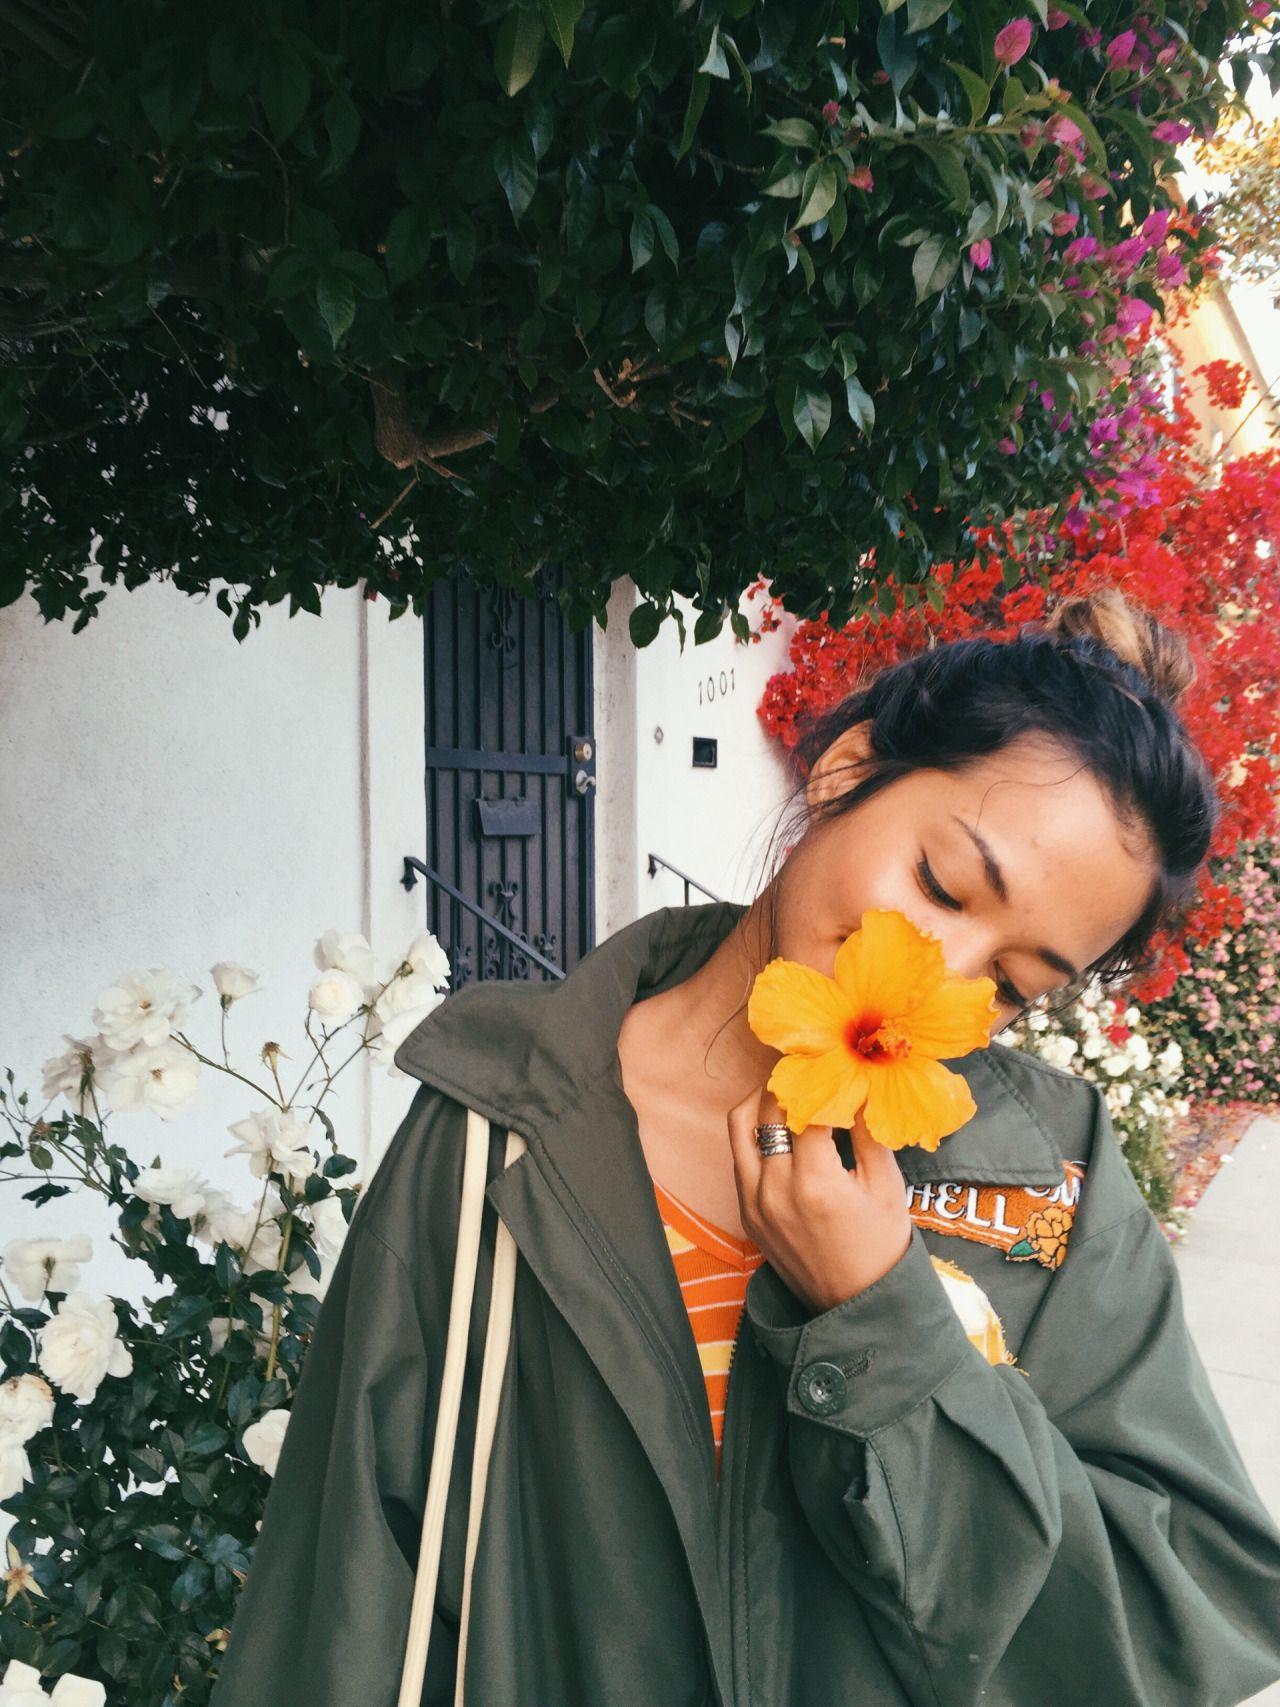 PILGRIM VINTAGE and floral walks in the neighborhood